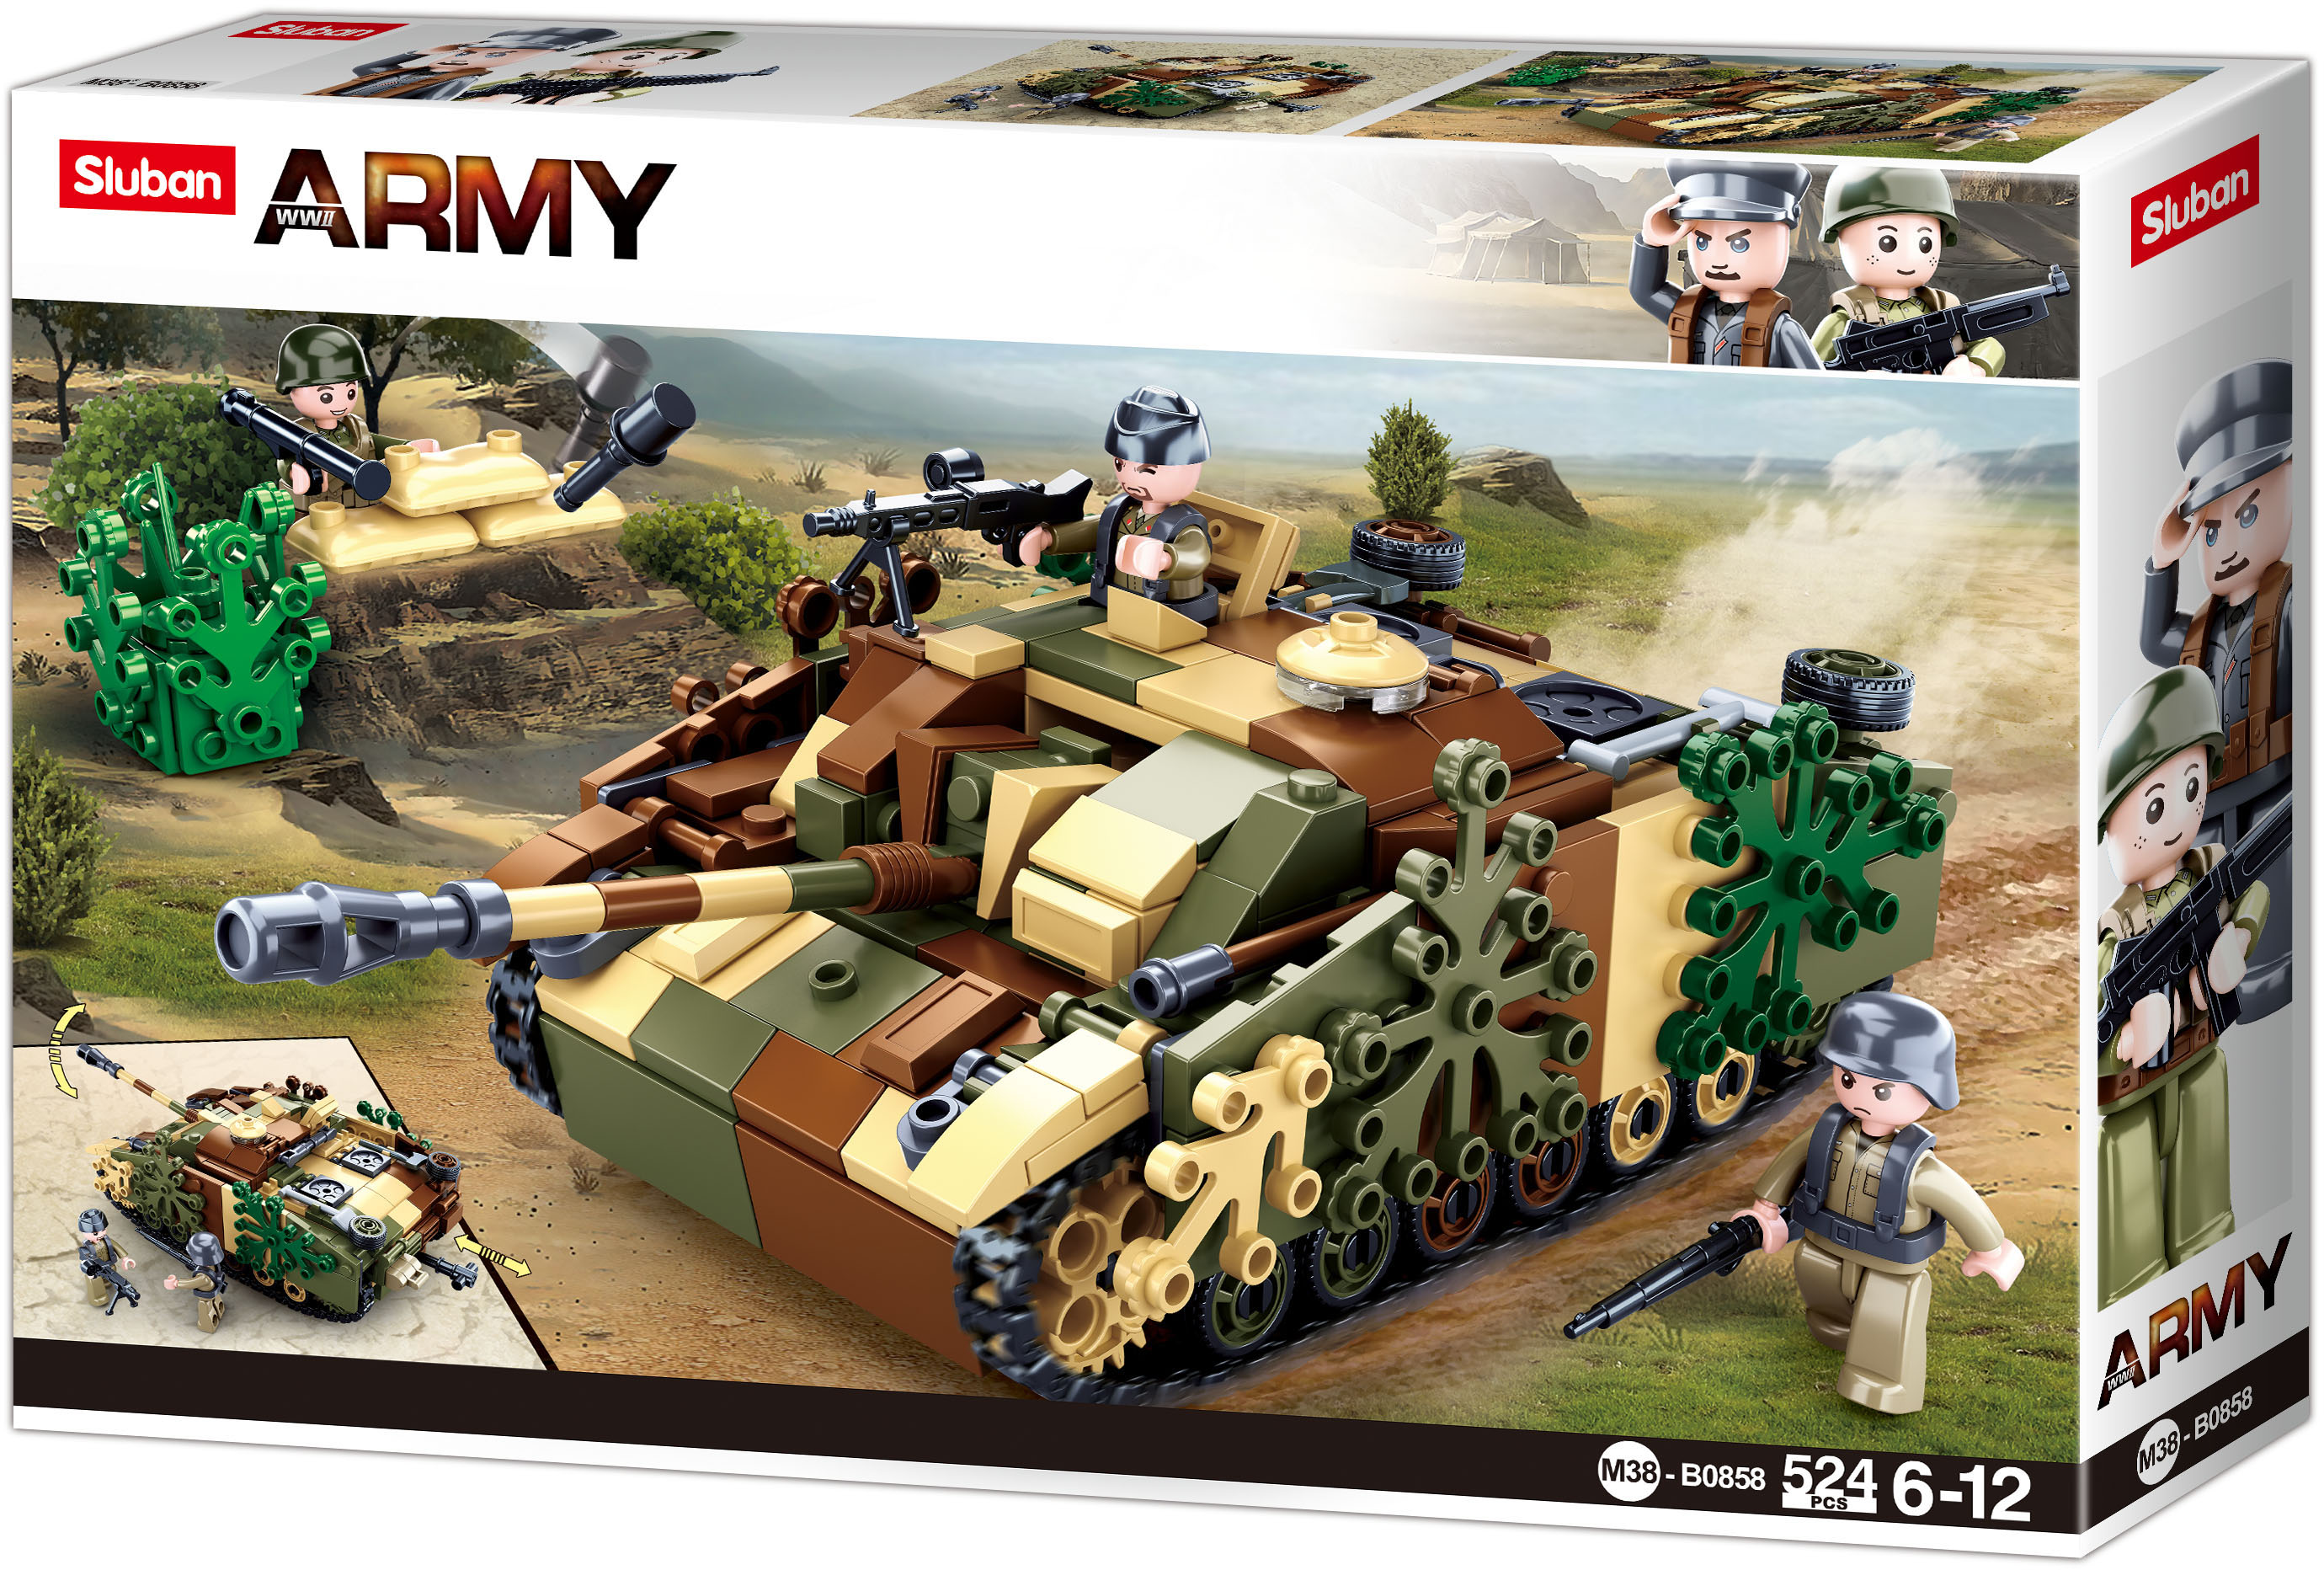 Sluban Army N38-B0858 Maskovaný obrněný tank